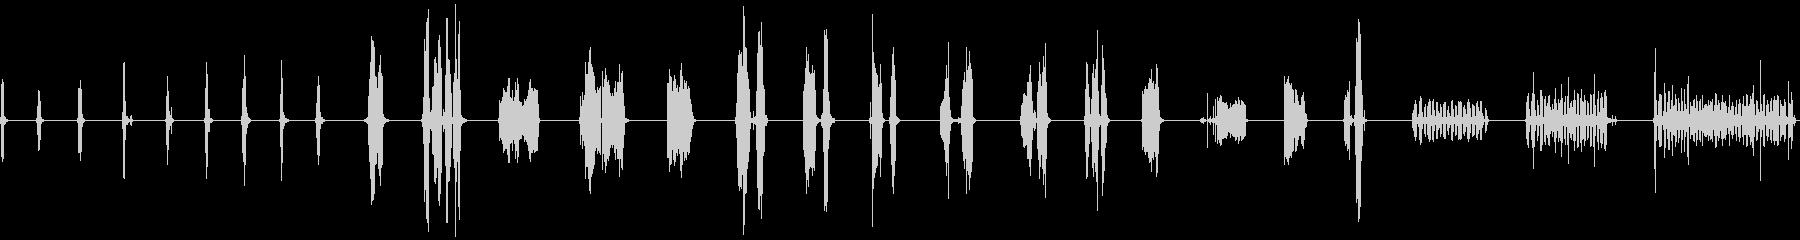 ジッパー、ナイロン、スキーク、27...の未再生の波形